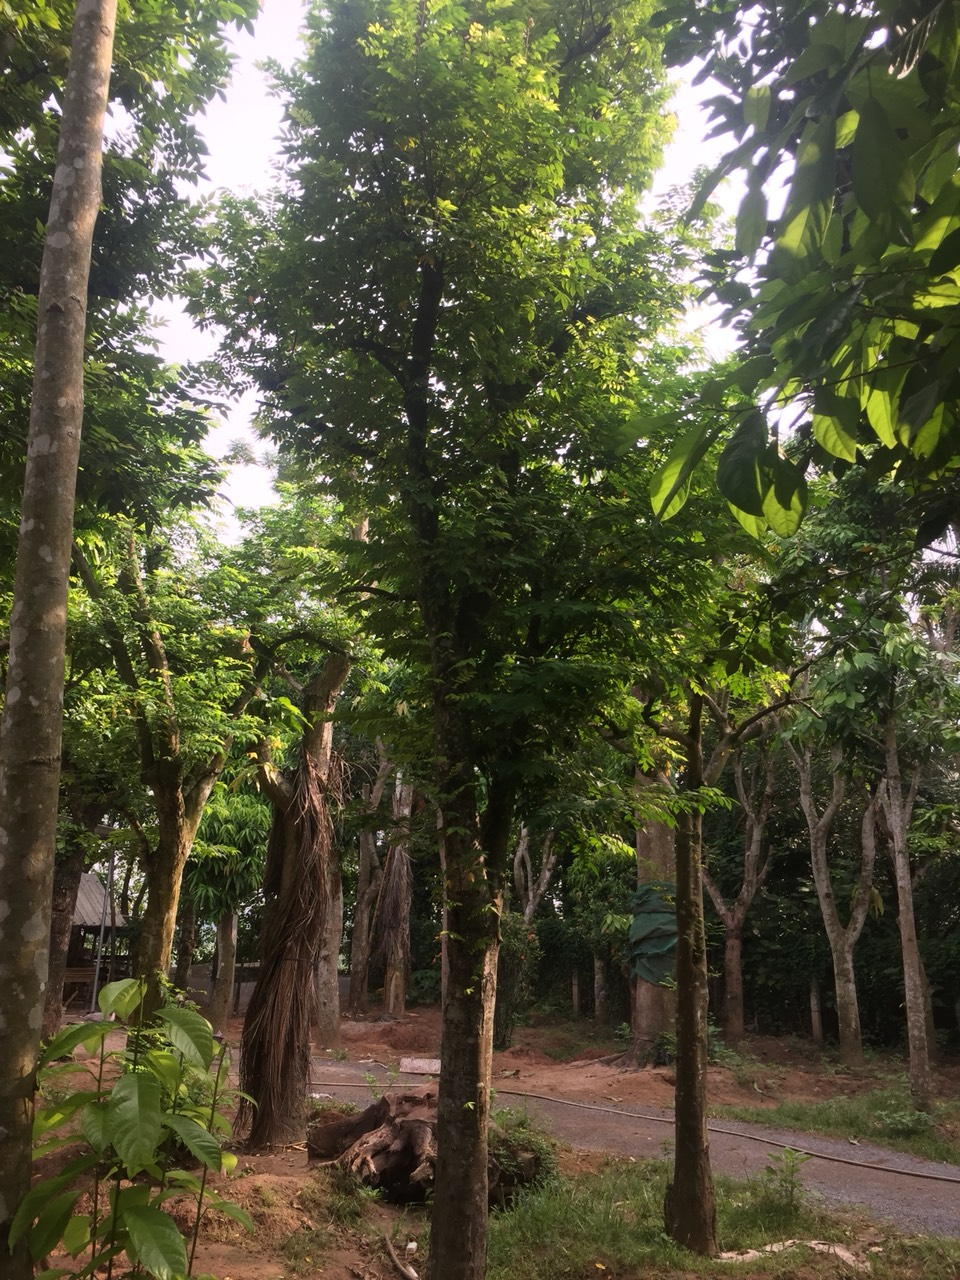 Báo giá cây khế 2019  Bán cây khế công trình bảo hành 3-6 tháng